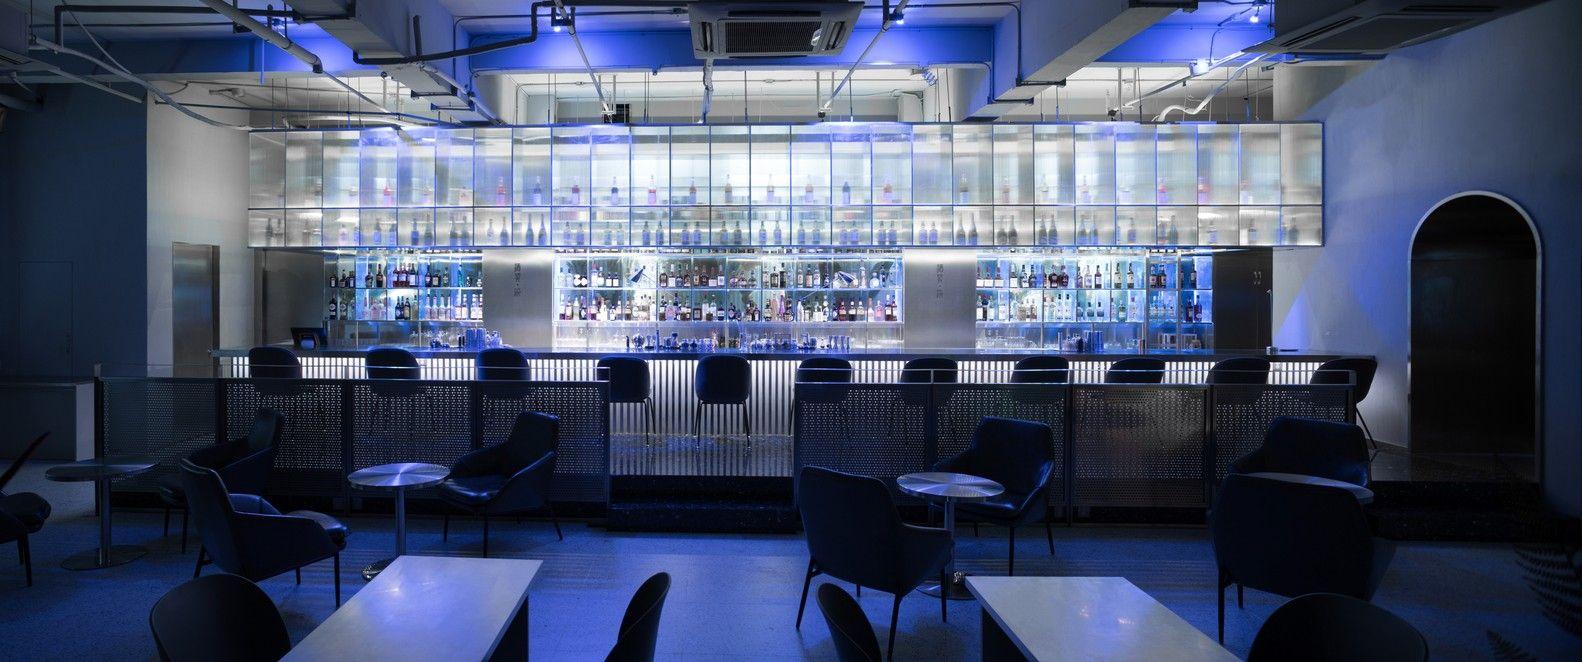 最新 | 斗西设计:酒饕-济 酒吧|刘永鹏 - 0